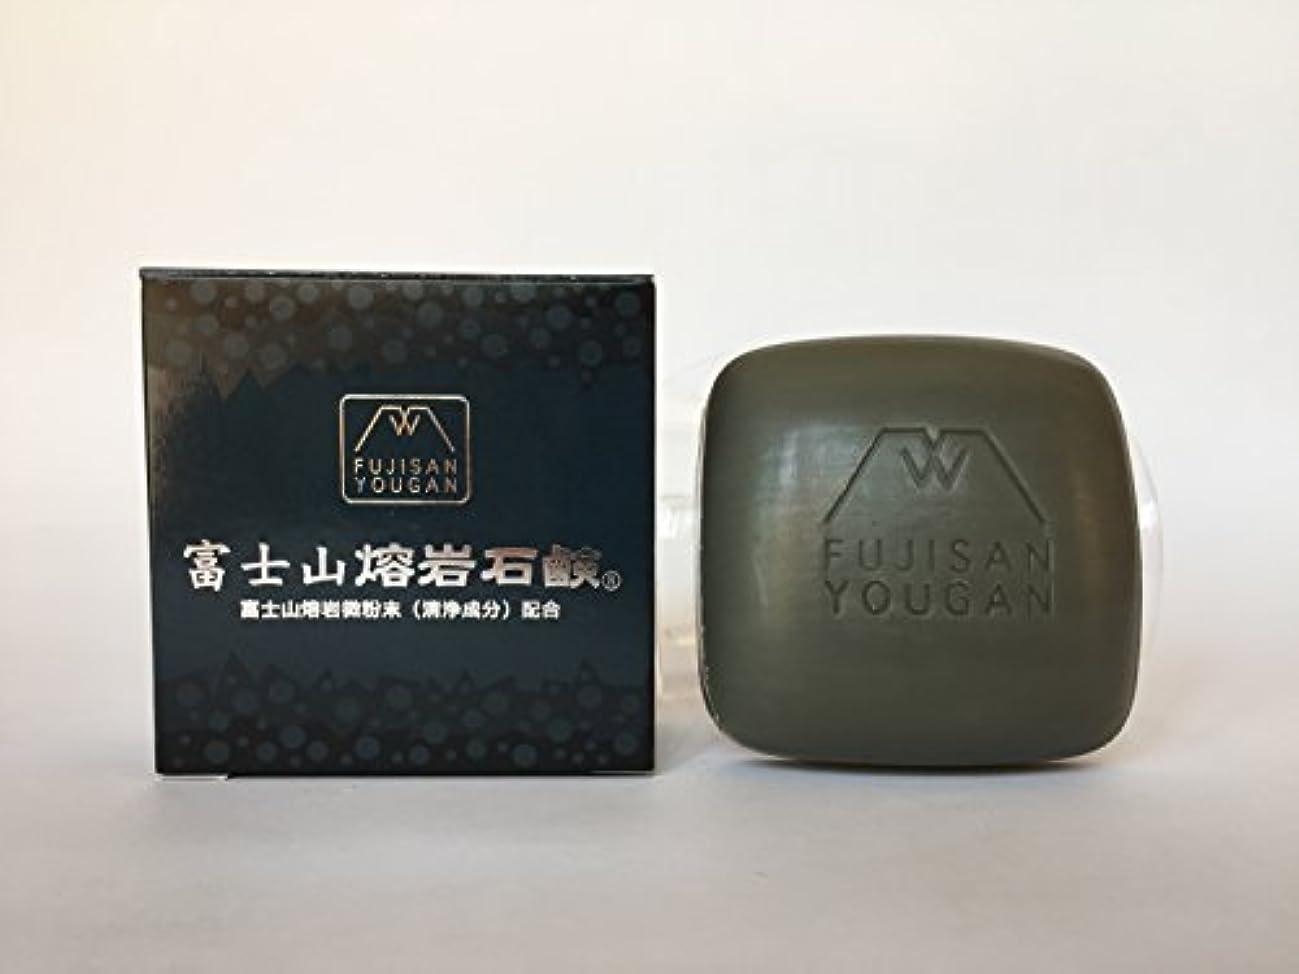 解放するクローン離す富士山溶岩石鹸 100g/個×2個セット